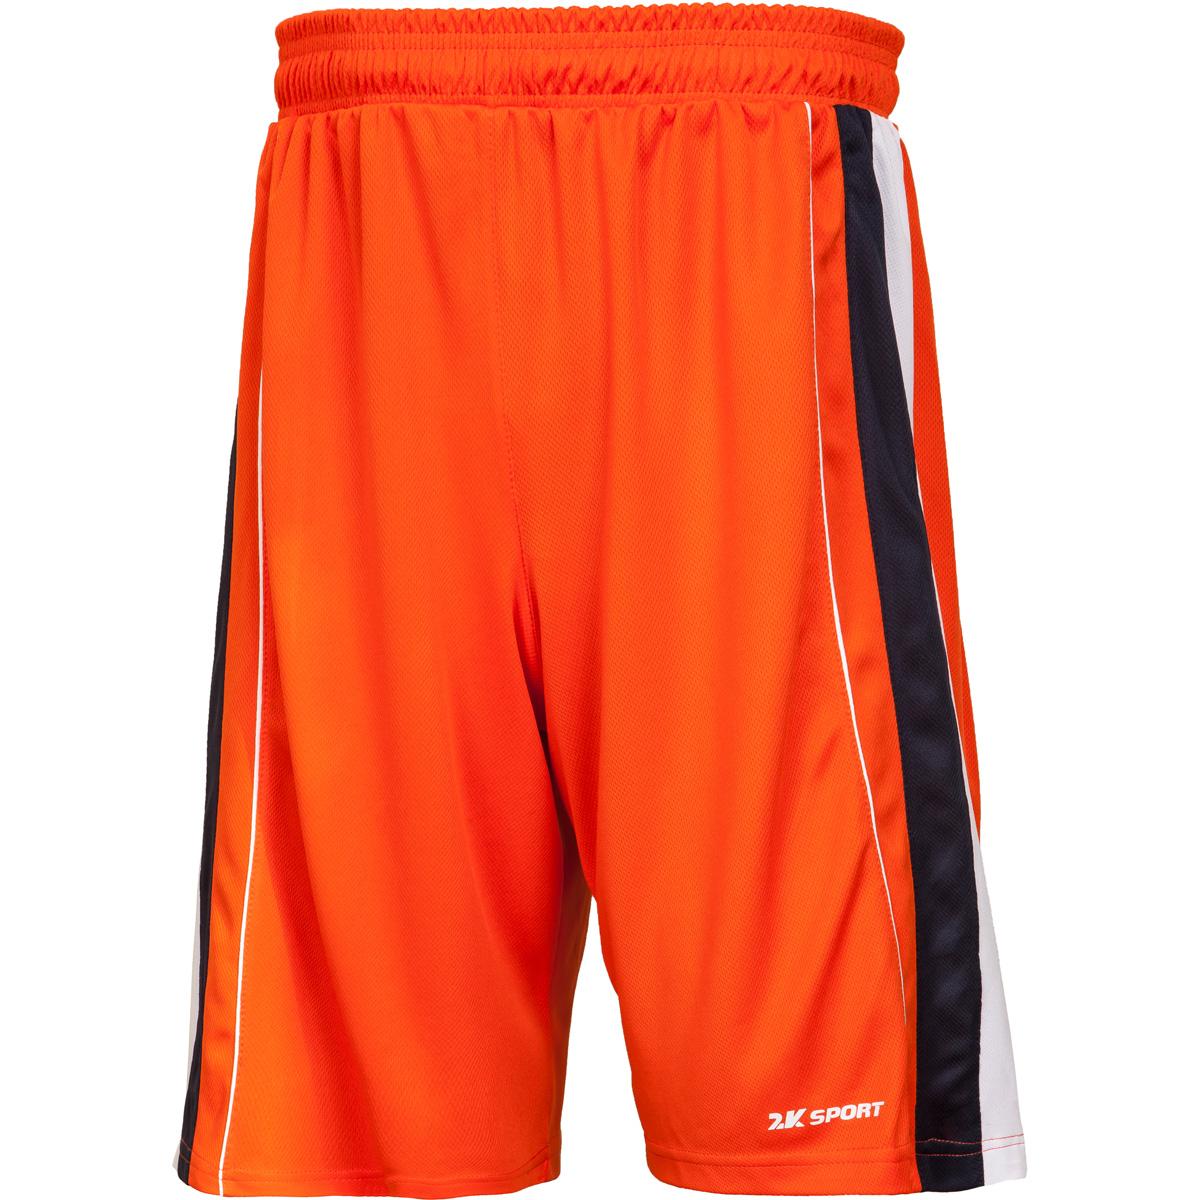 Шорты баскетбольные мужские 2K Sport Advance, цвет: оранжевый, темно-синий, белый. 130031. Размер XL (52) - Баскетбол